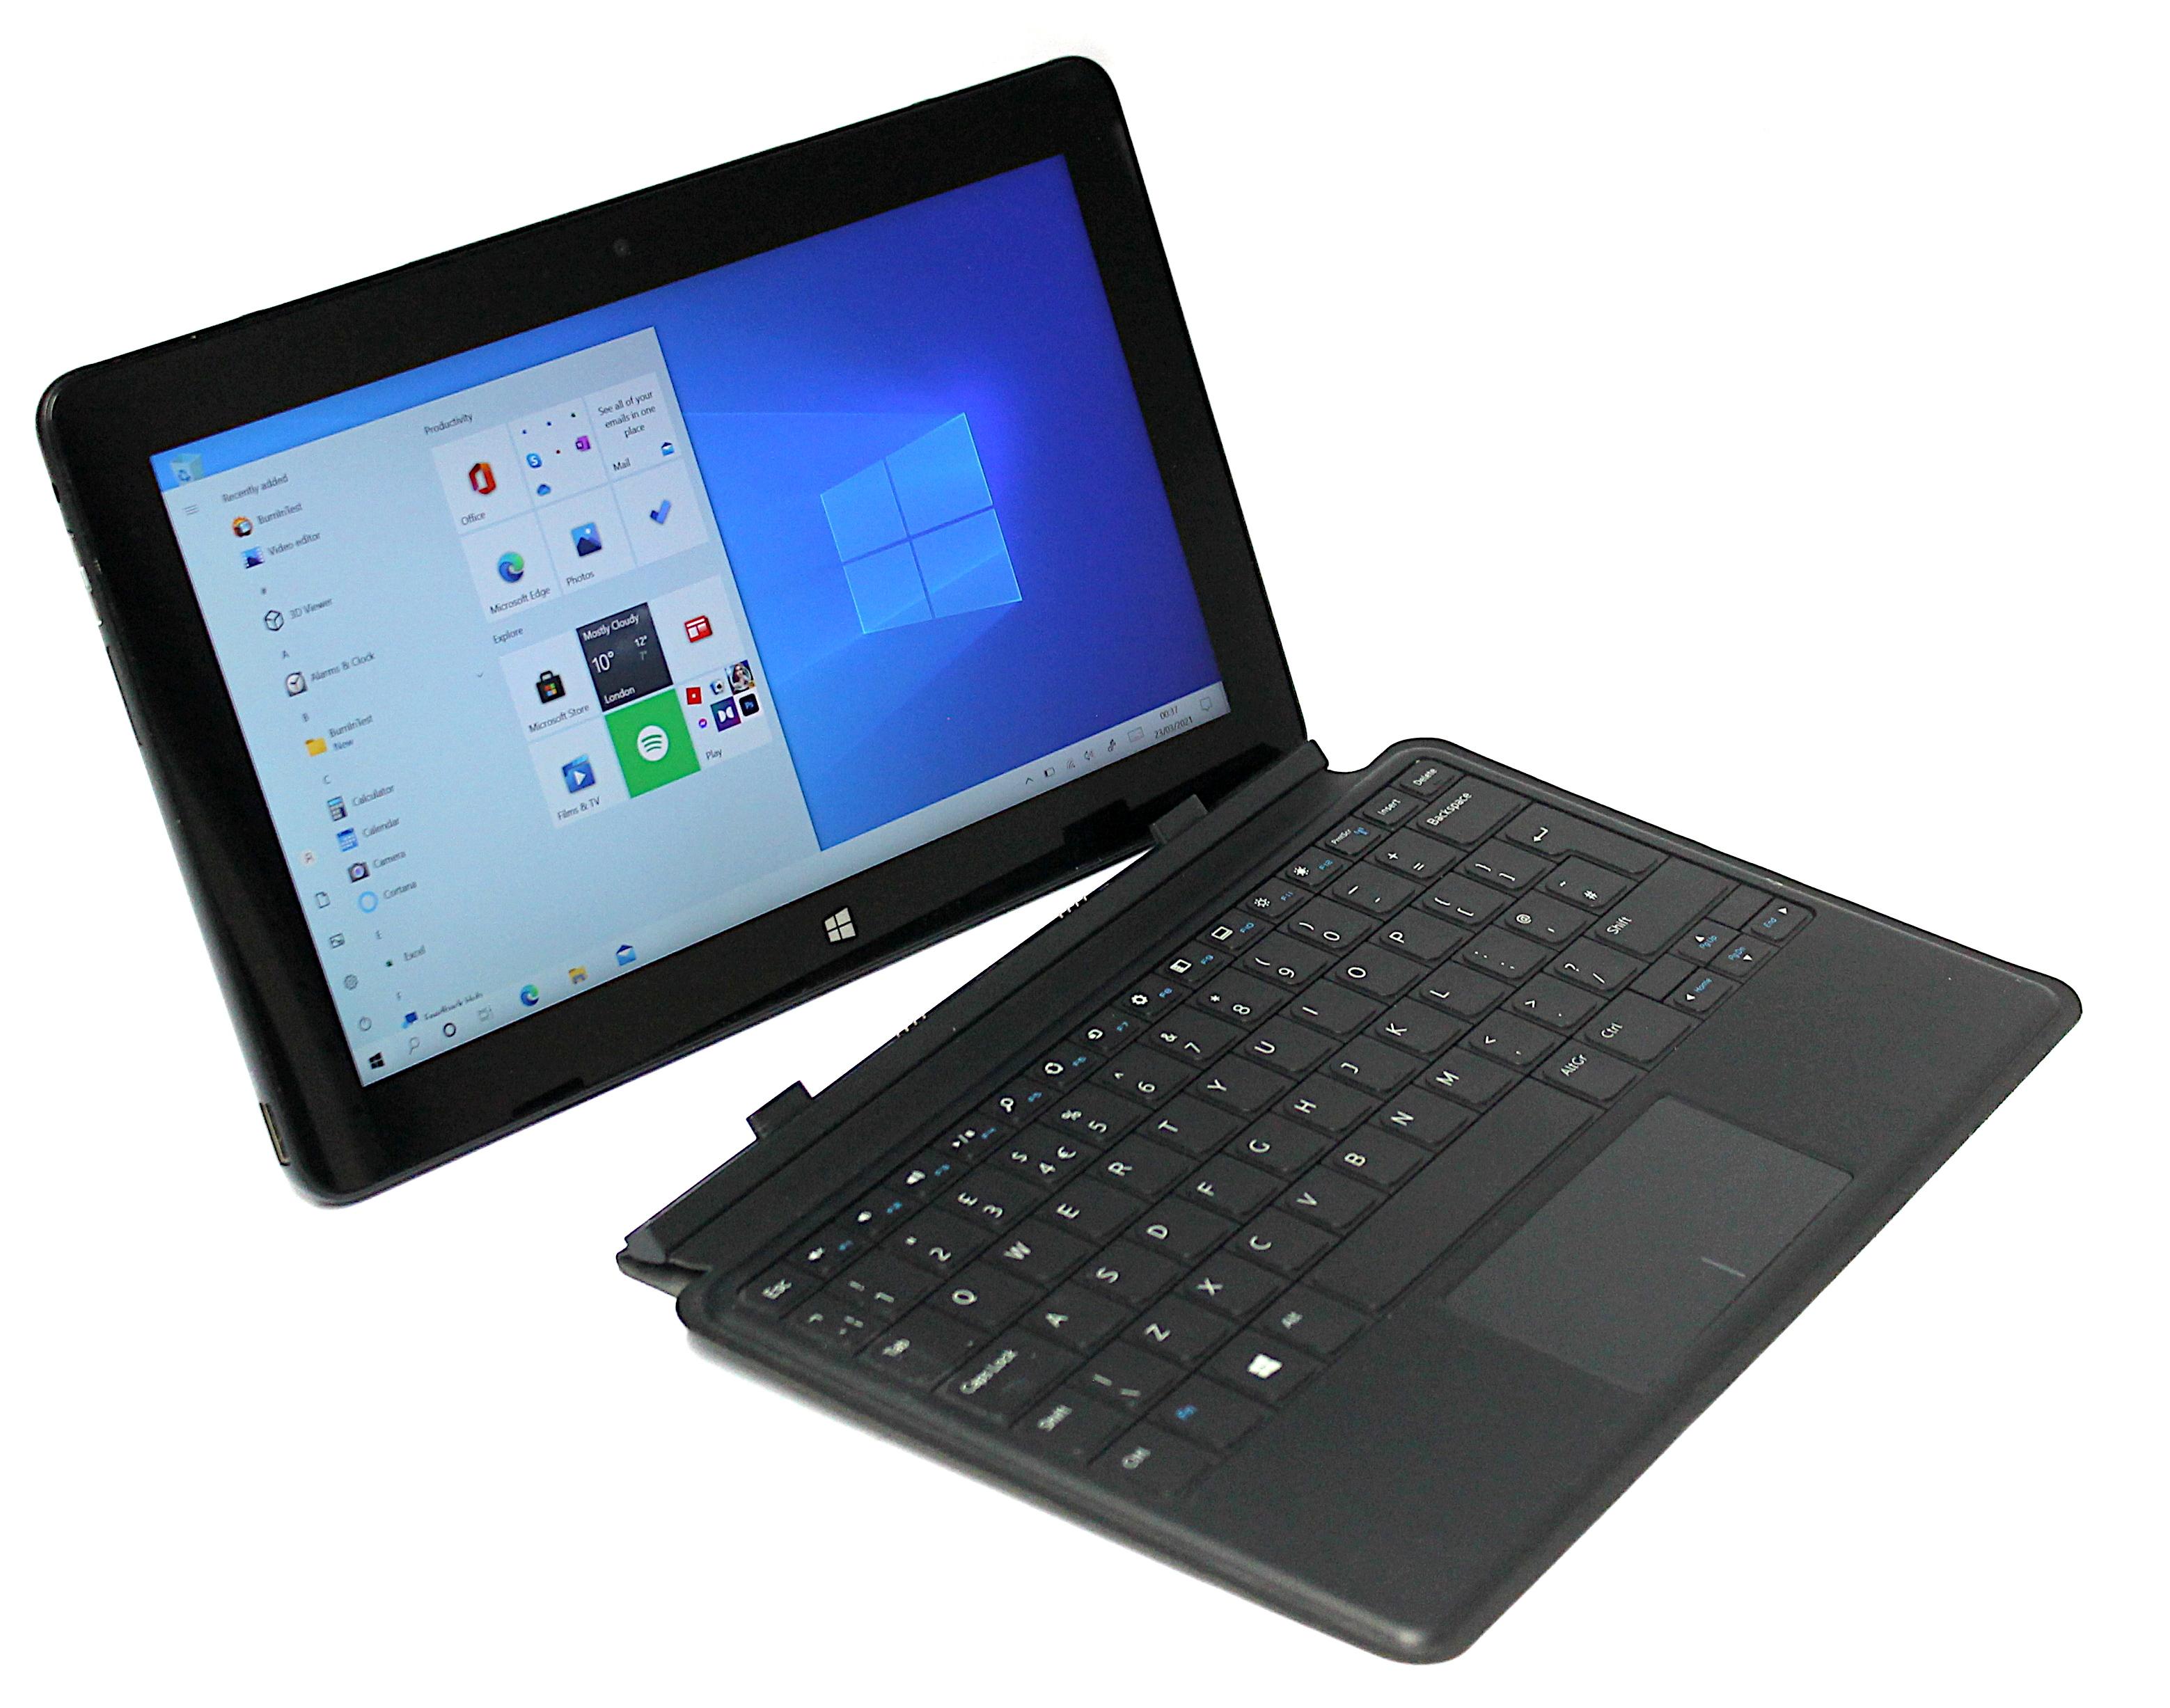 Dell Venue 11 Pro - 7130 MS Core i3-4020Y 4GB RAM 128GB SSD Windows 10 Home